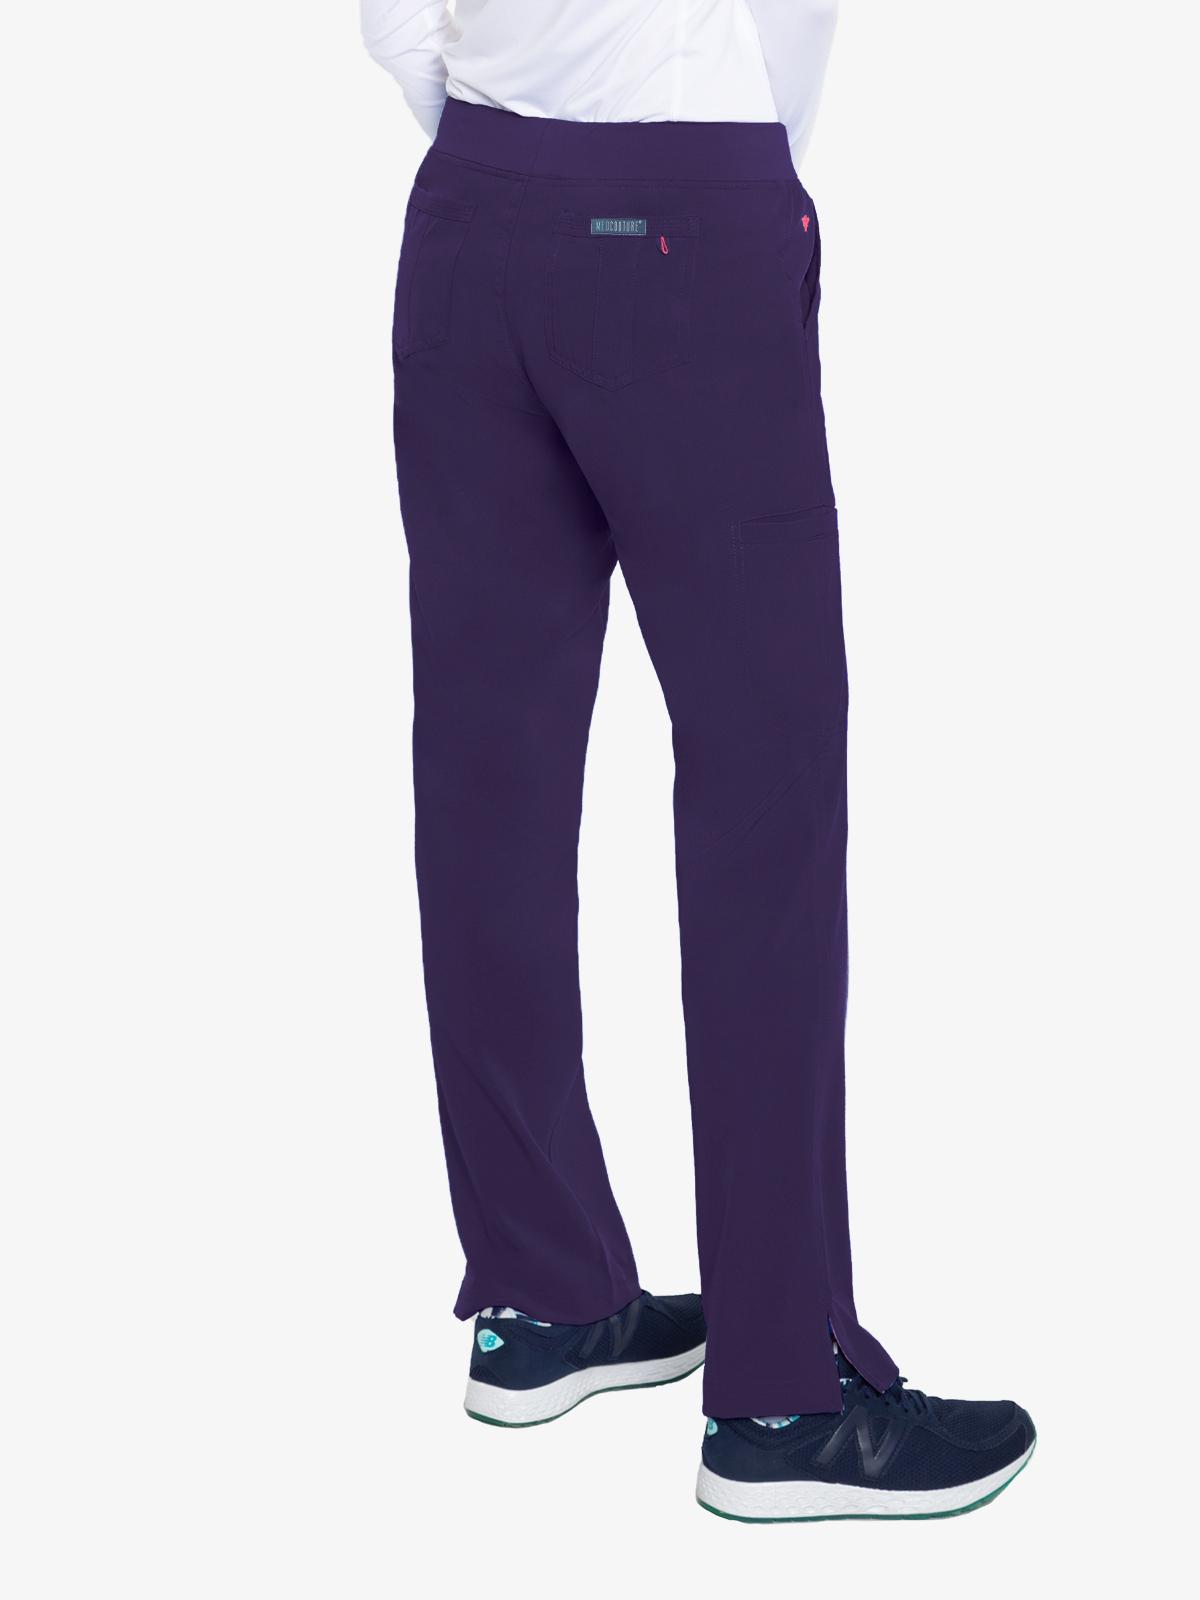 Energy Yoga 2 Cargo Pocket Pant | 8744